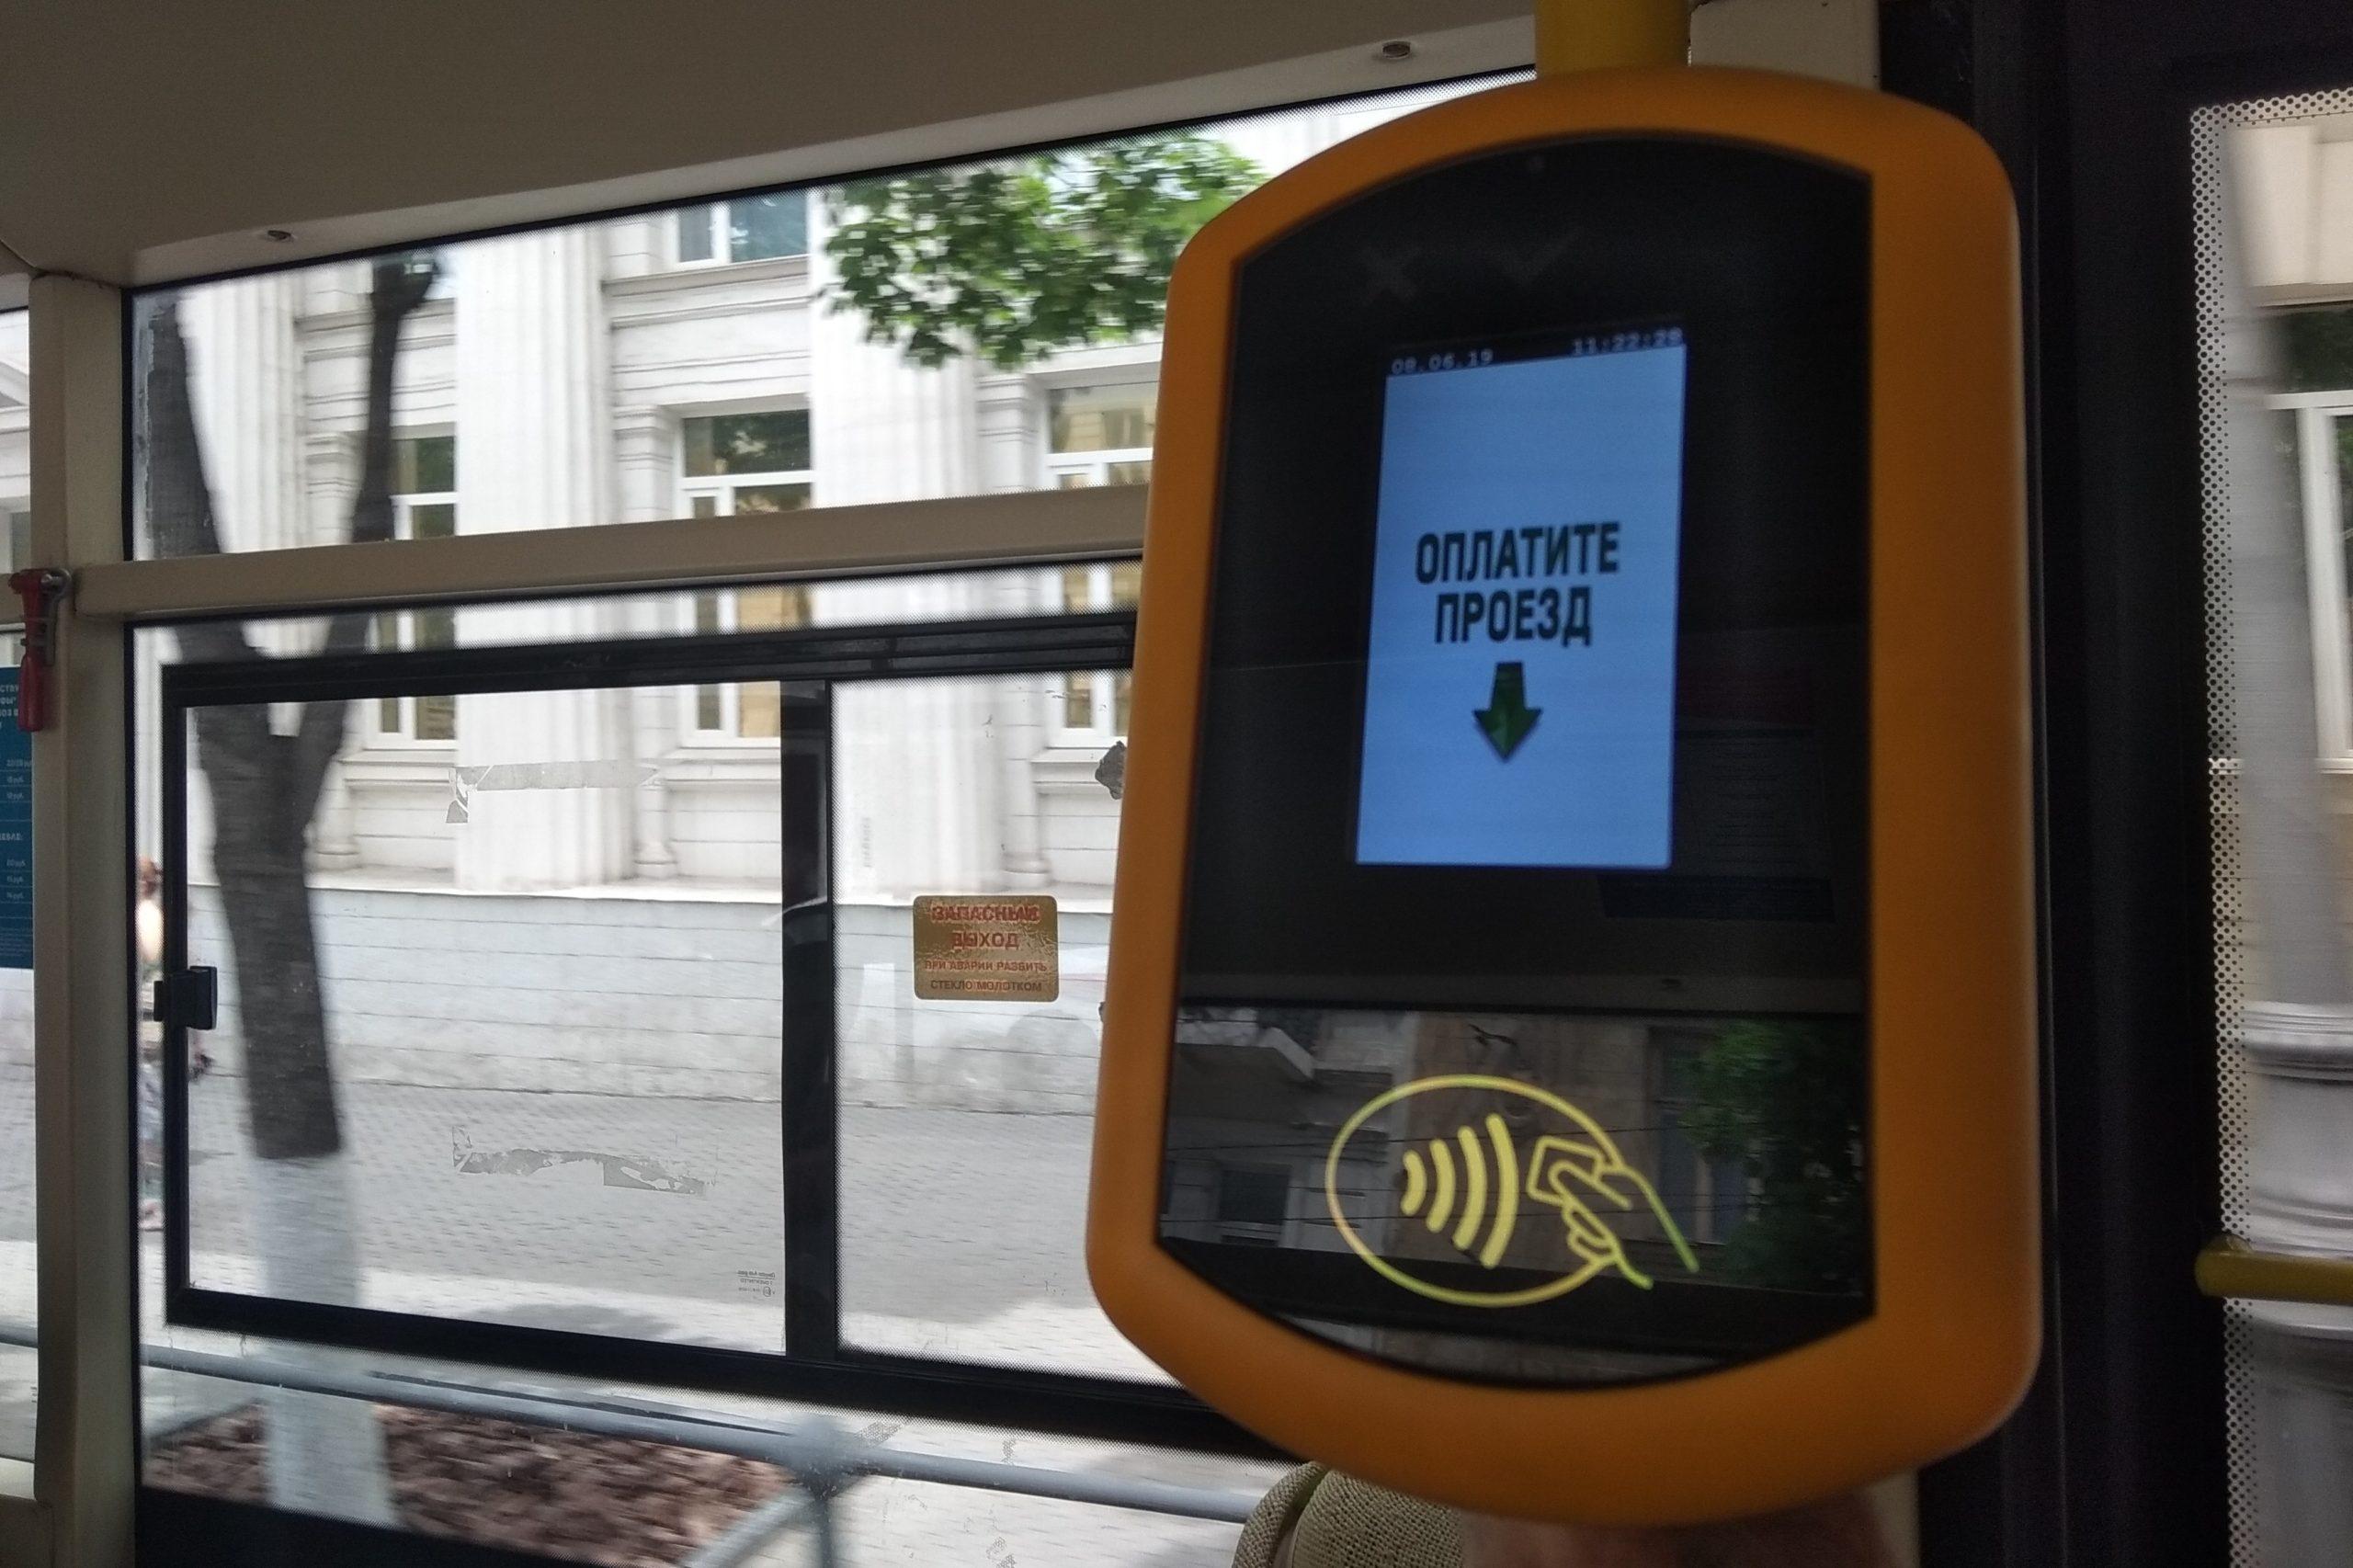 Льготники, не оформившие вовремя банковскую карту, смогут ездить бесплатно в транспорте только после её получения